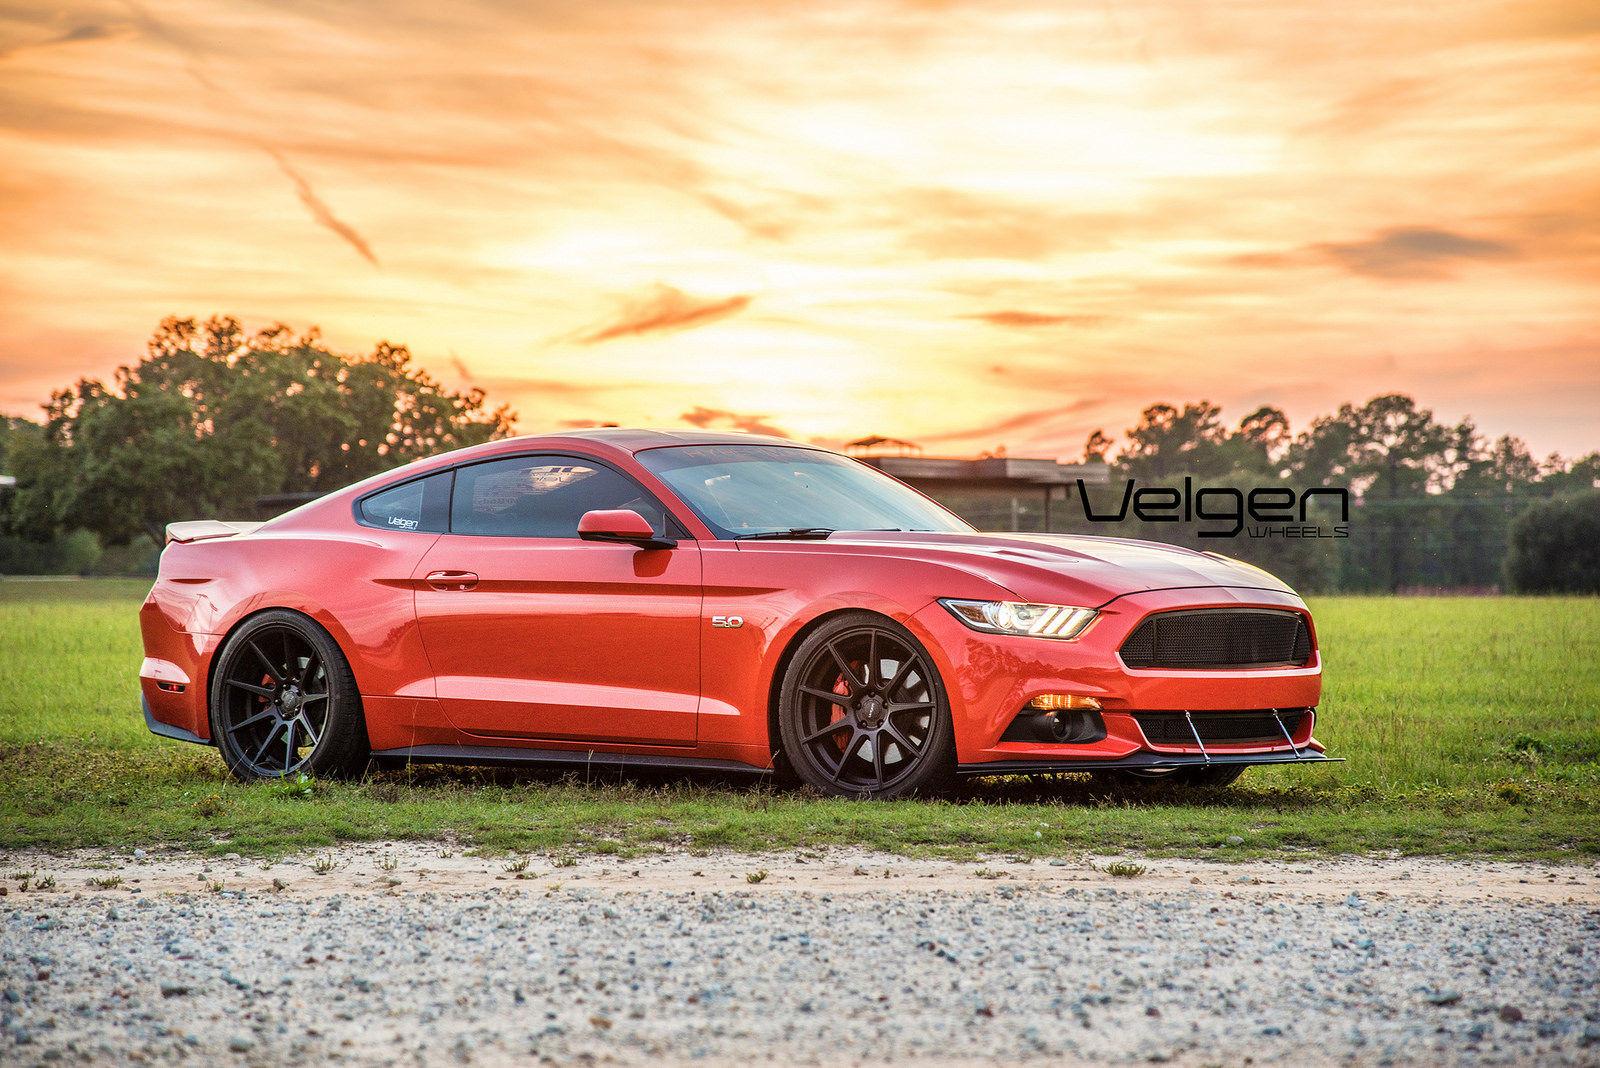 2015 Competition Orange Mustang Gt Velgen Wheels